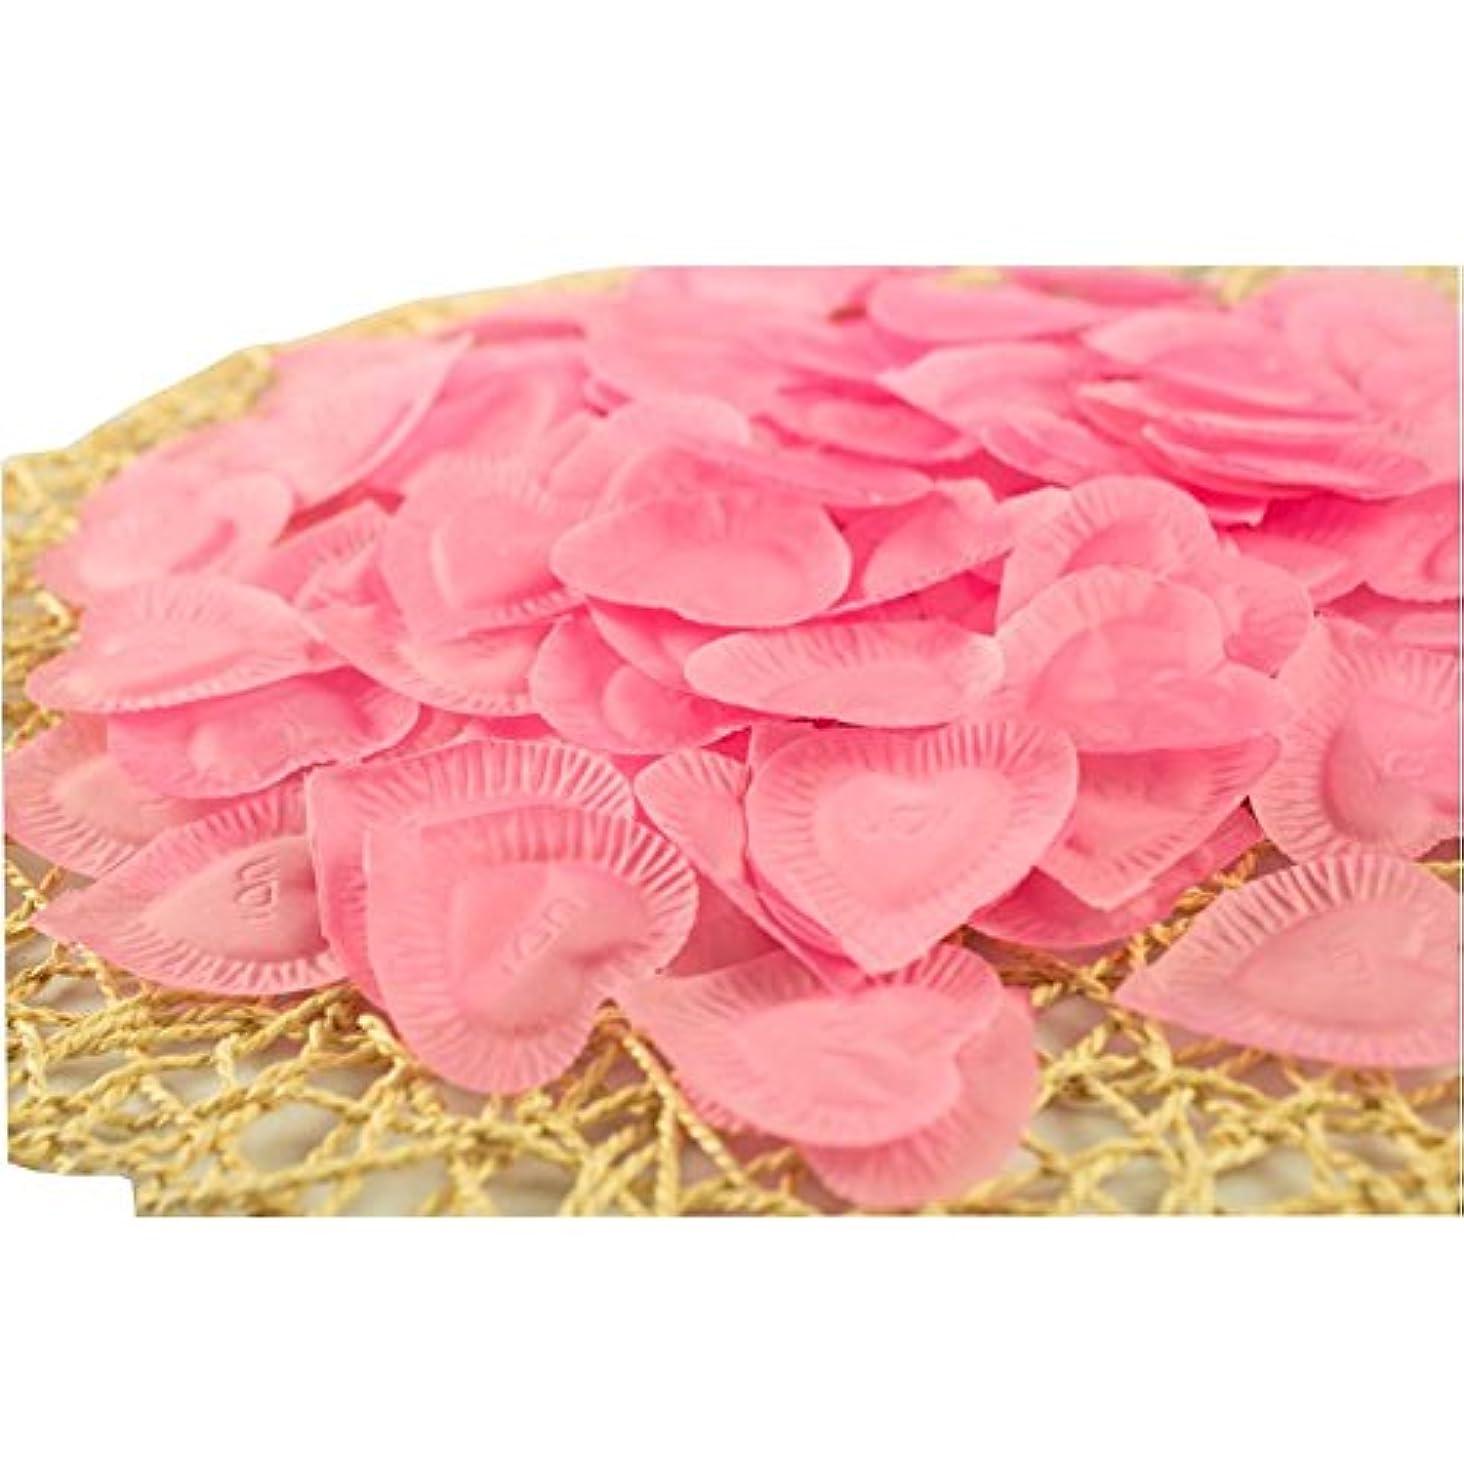 受ける美容師ロータリー結婚式のための人工花びらのバレンタイン840個